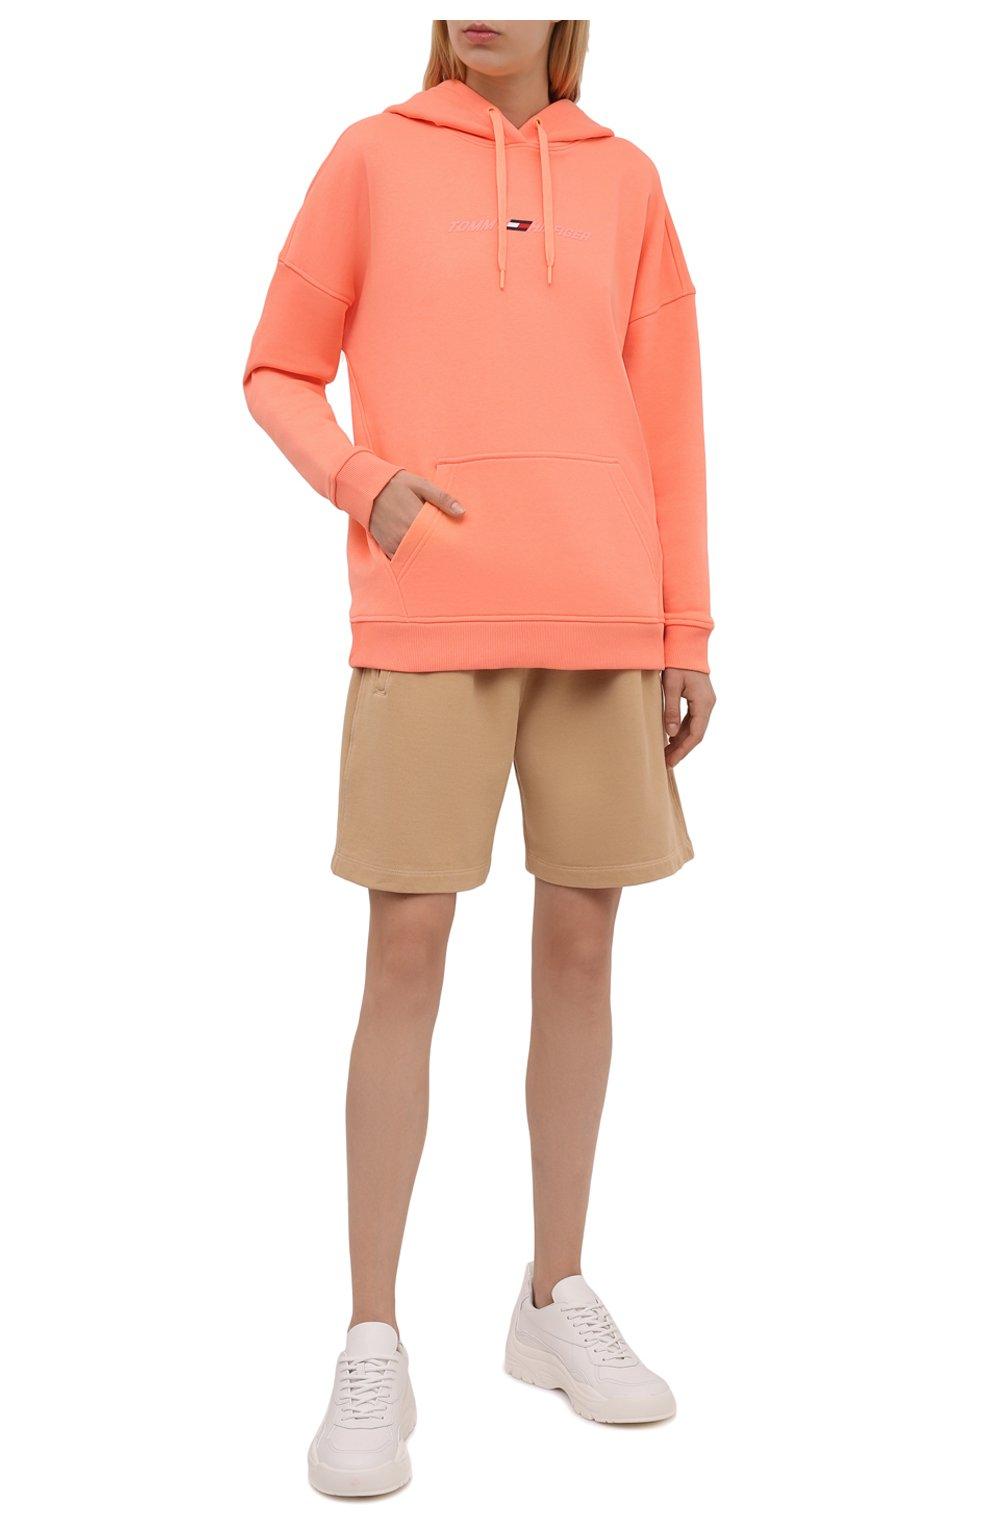 Женские хлопковые шорты AGOLDE бежевого цвета, арт. A9014B | Фото 2 (Длина Ж (юбки, платья, шорты): Мини; Кросс-КТ: Трикотаж; Материал внешний: Хлопок; Стили: Спорт-шик)